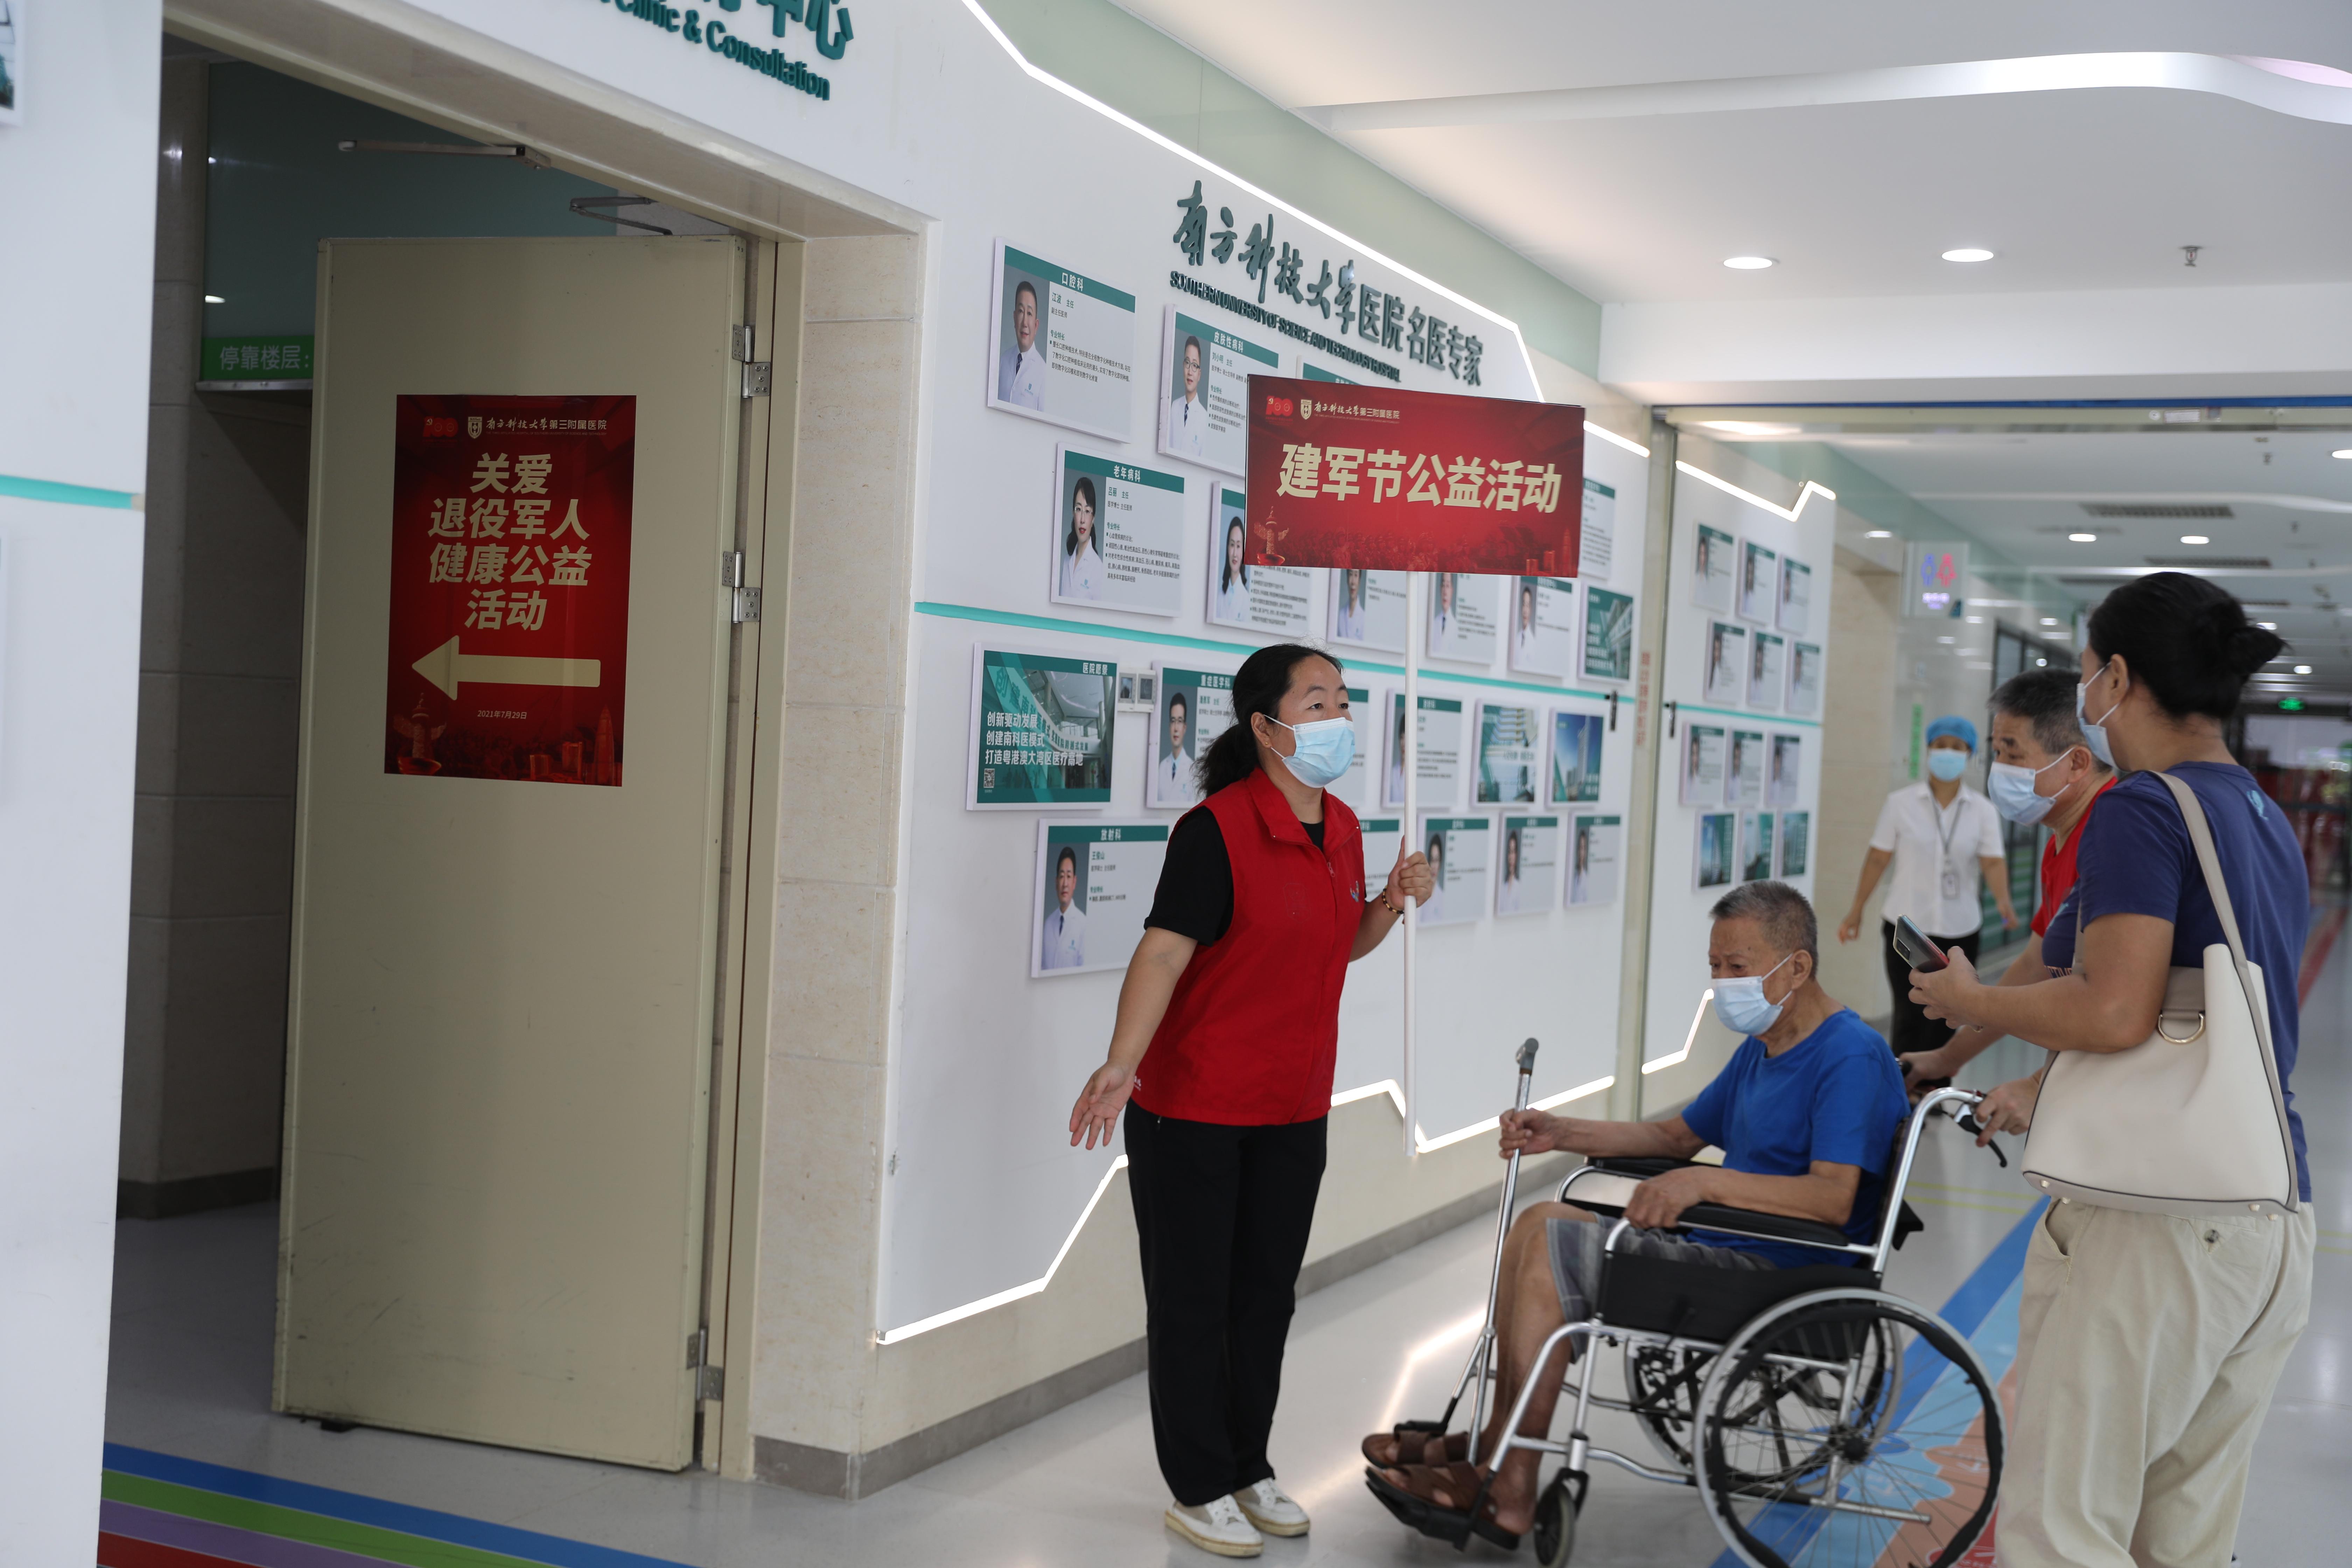 建军节之际,南方科技大学医院为鹏城百名退役军人志愿者送健康